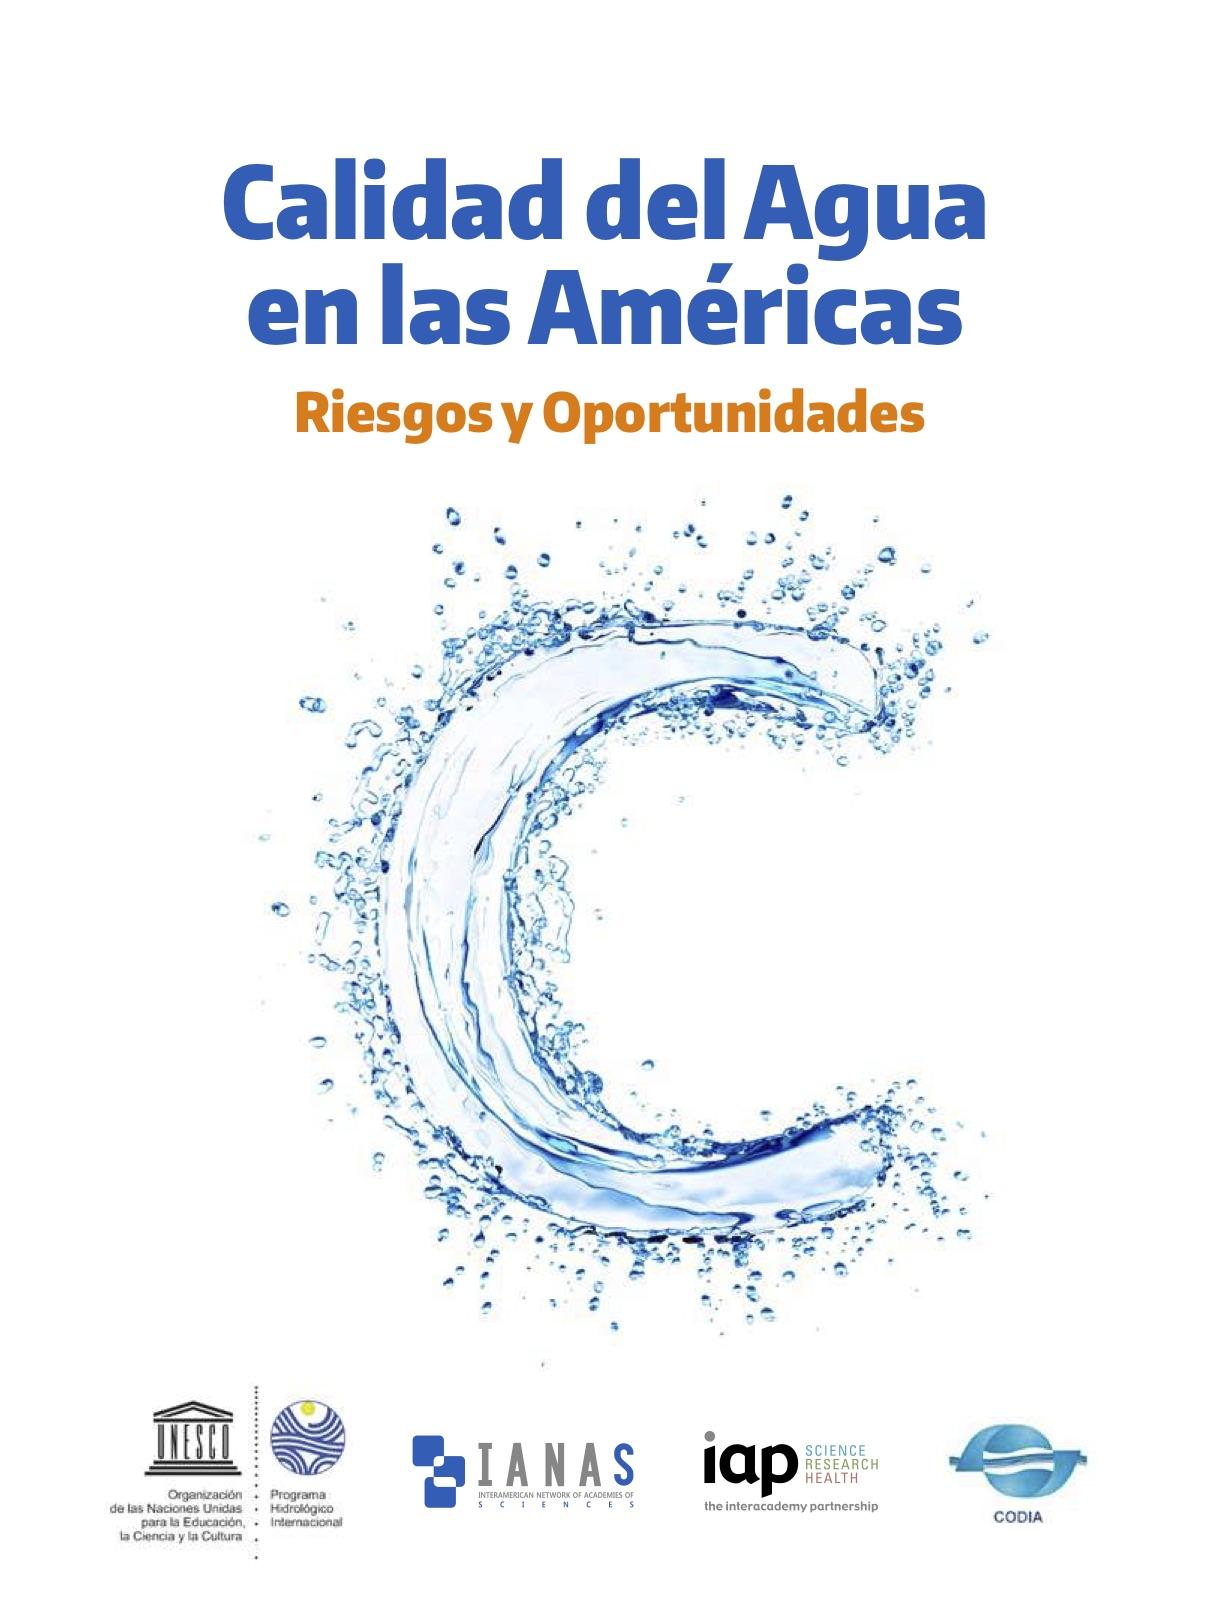 Calidad del Agua en las Américas: Riesgos y Oportunidades